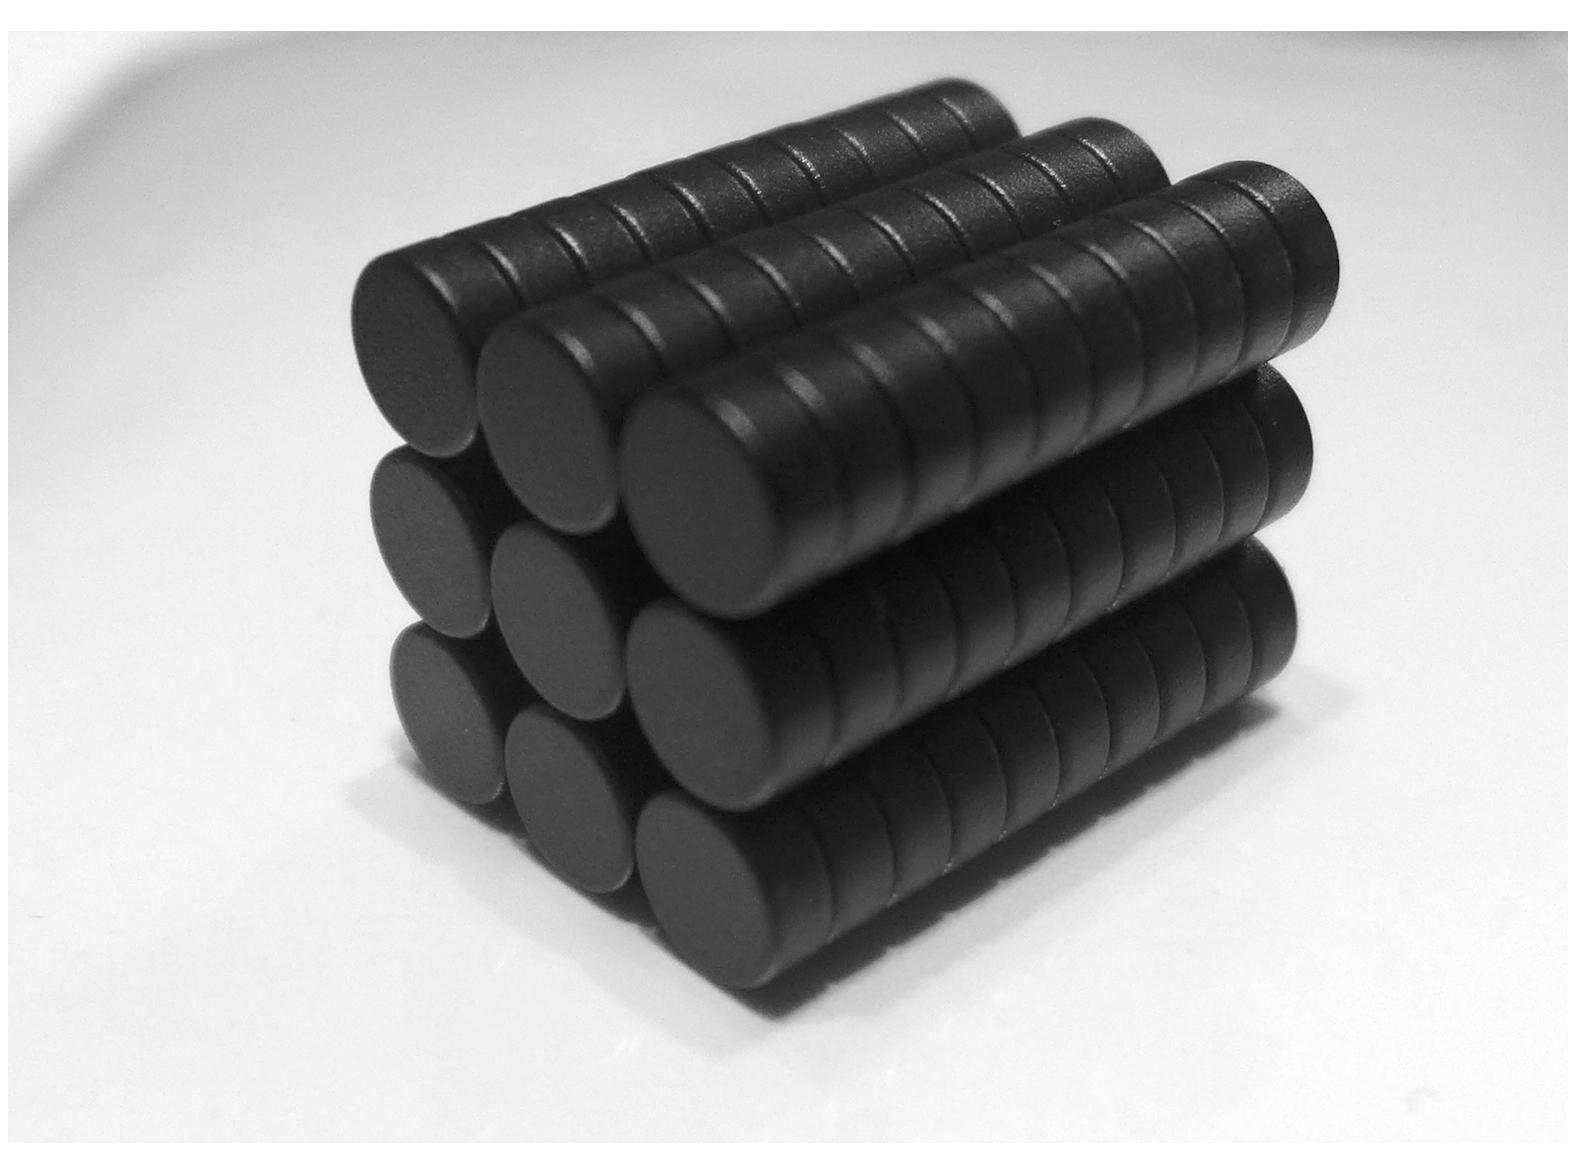 ネオジム磁石(樹脂塗装)φ12.7mm×0.8mm(N35) 90個セットネオジウム 超強力 マグネット 強力磁石 永久磁石 いろいろ使えますリール改造・燃費アップ・フィギア・プラモデル・日曜大工・工作・DIY・紙留め・実験・手品